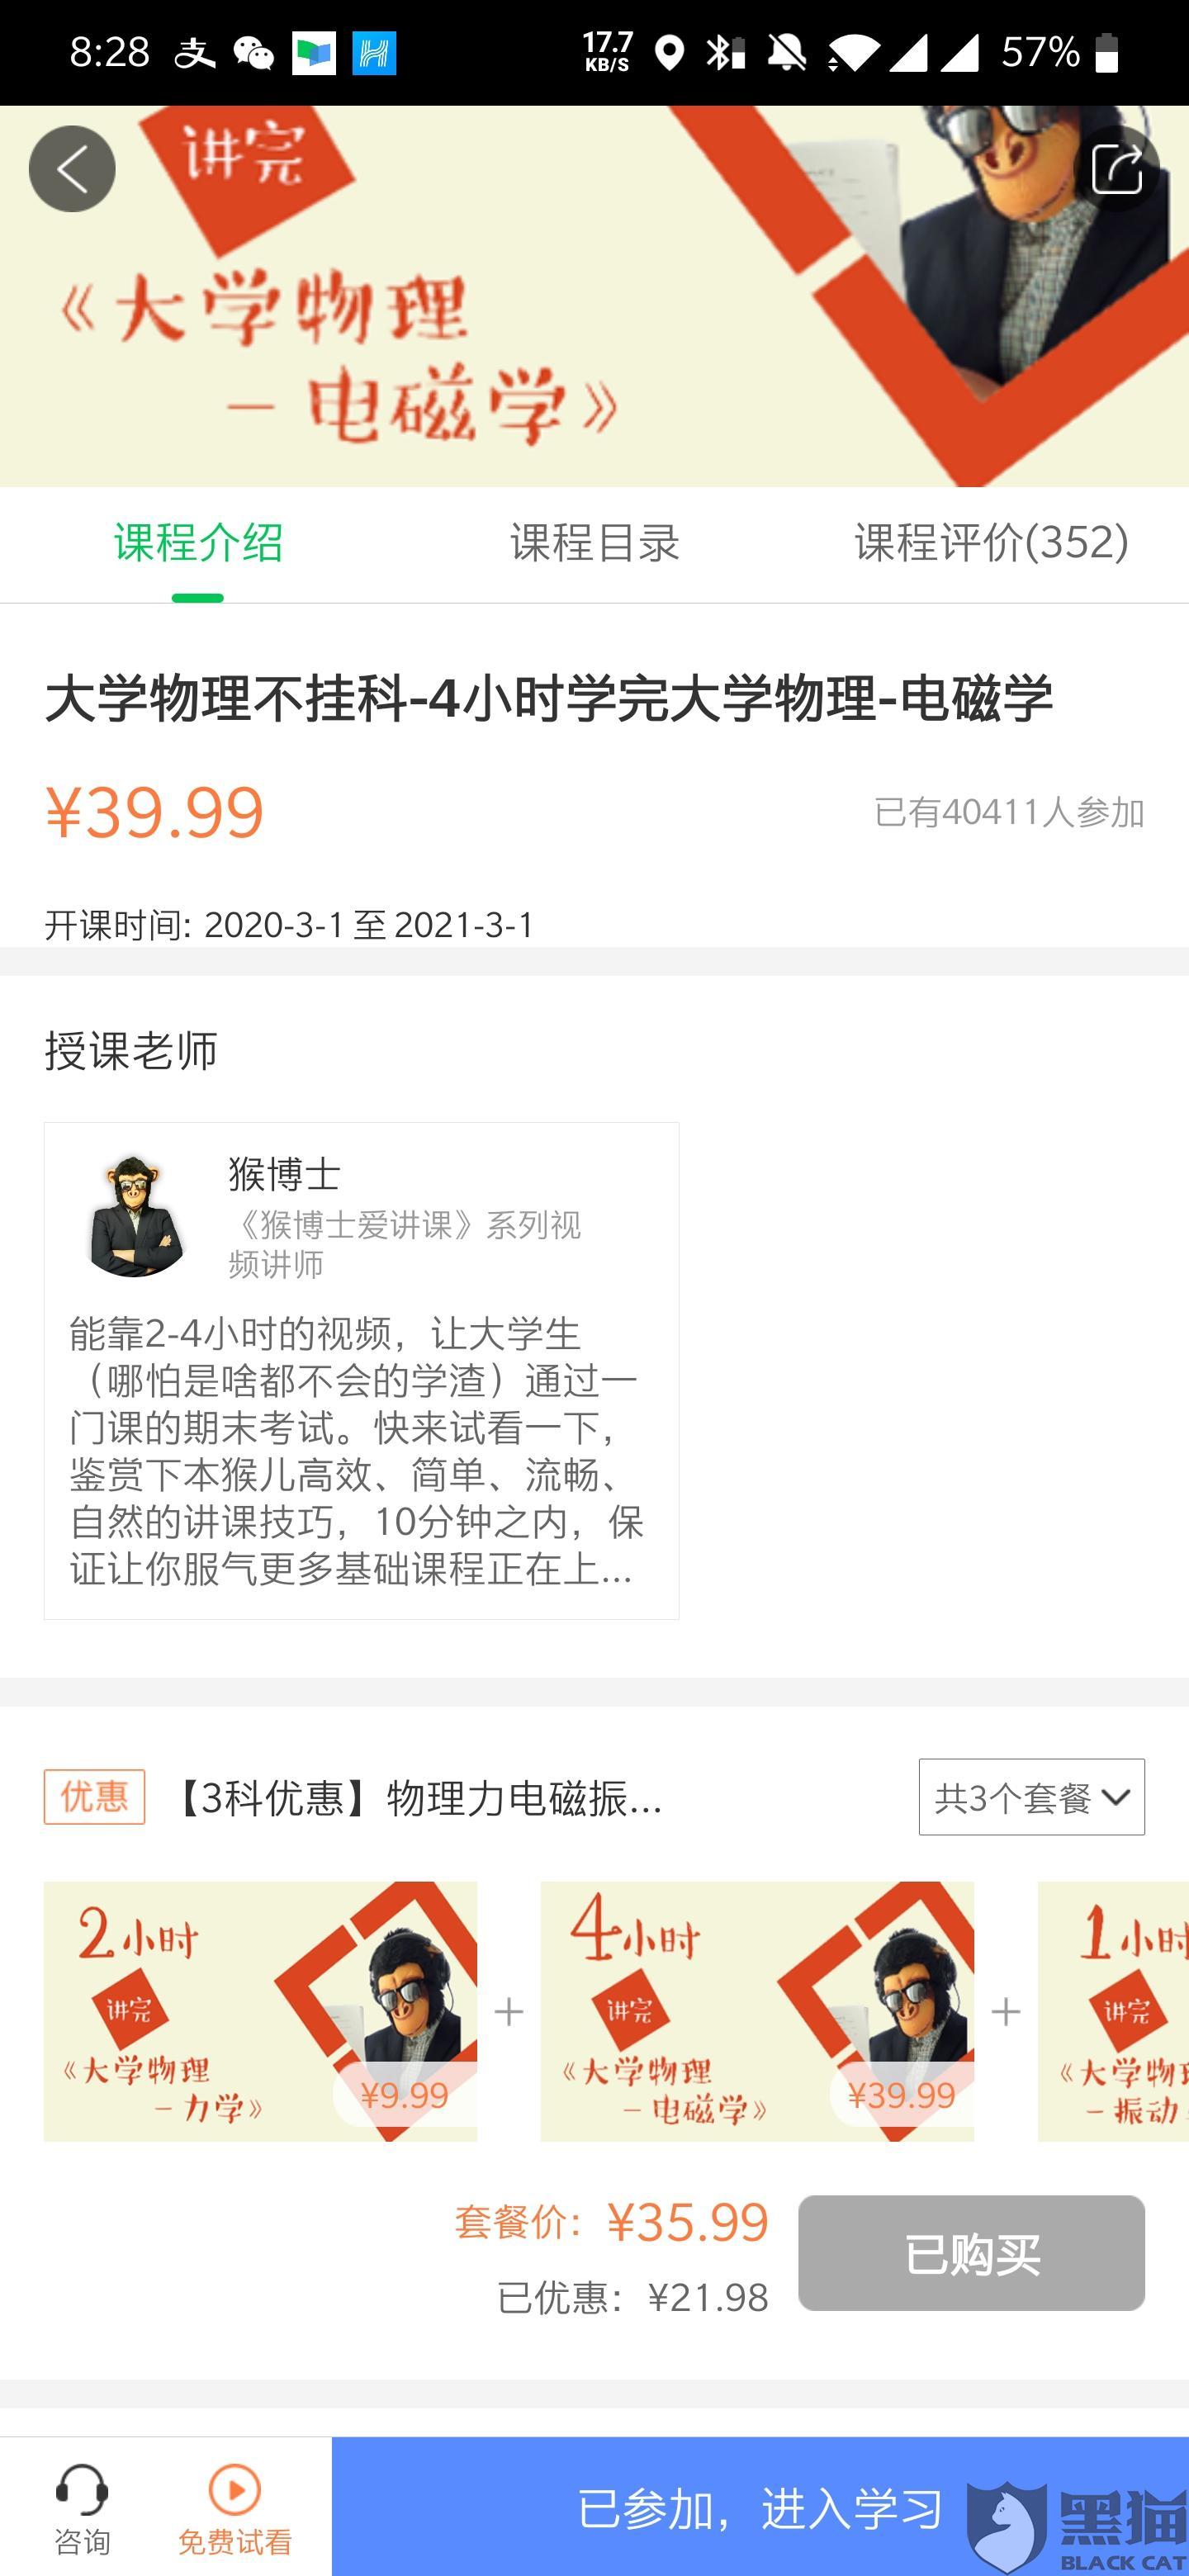 黑猫投诉:中国大学mooc没有办法退款选项